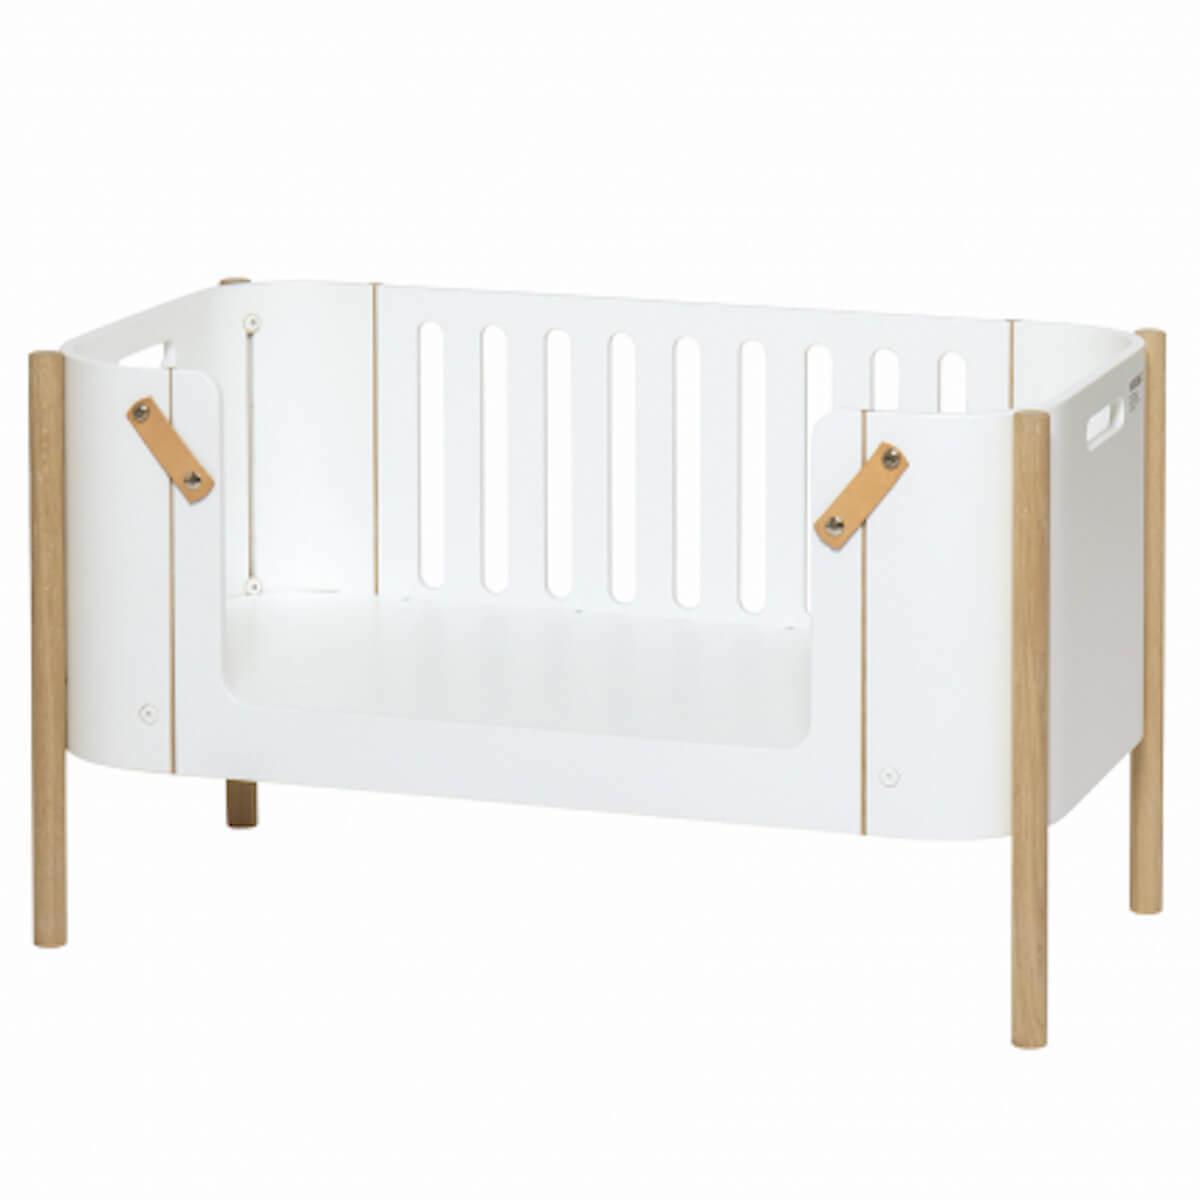 Banco infantil WOOD Oliver Furniture blanco-roble